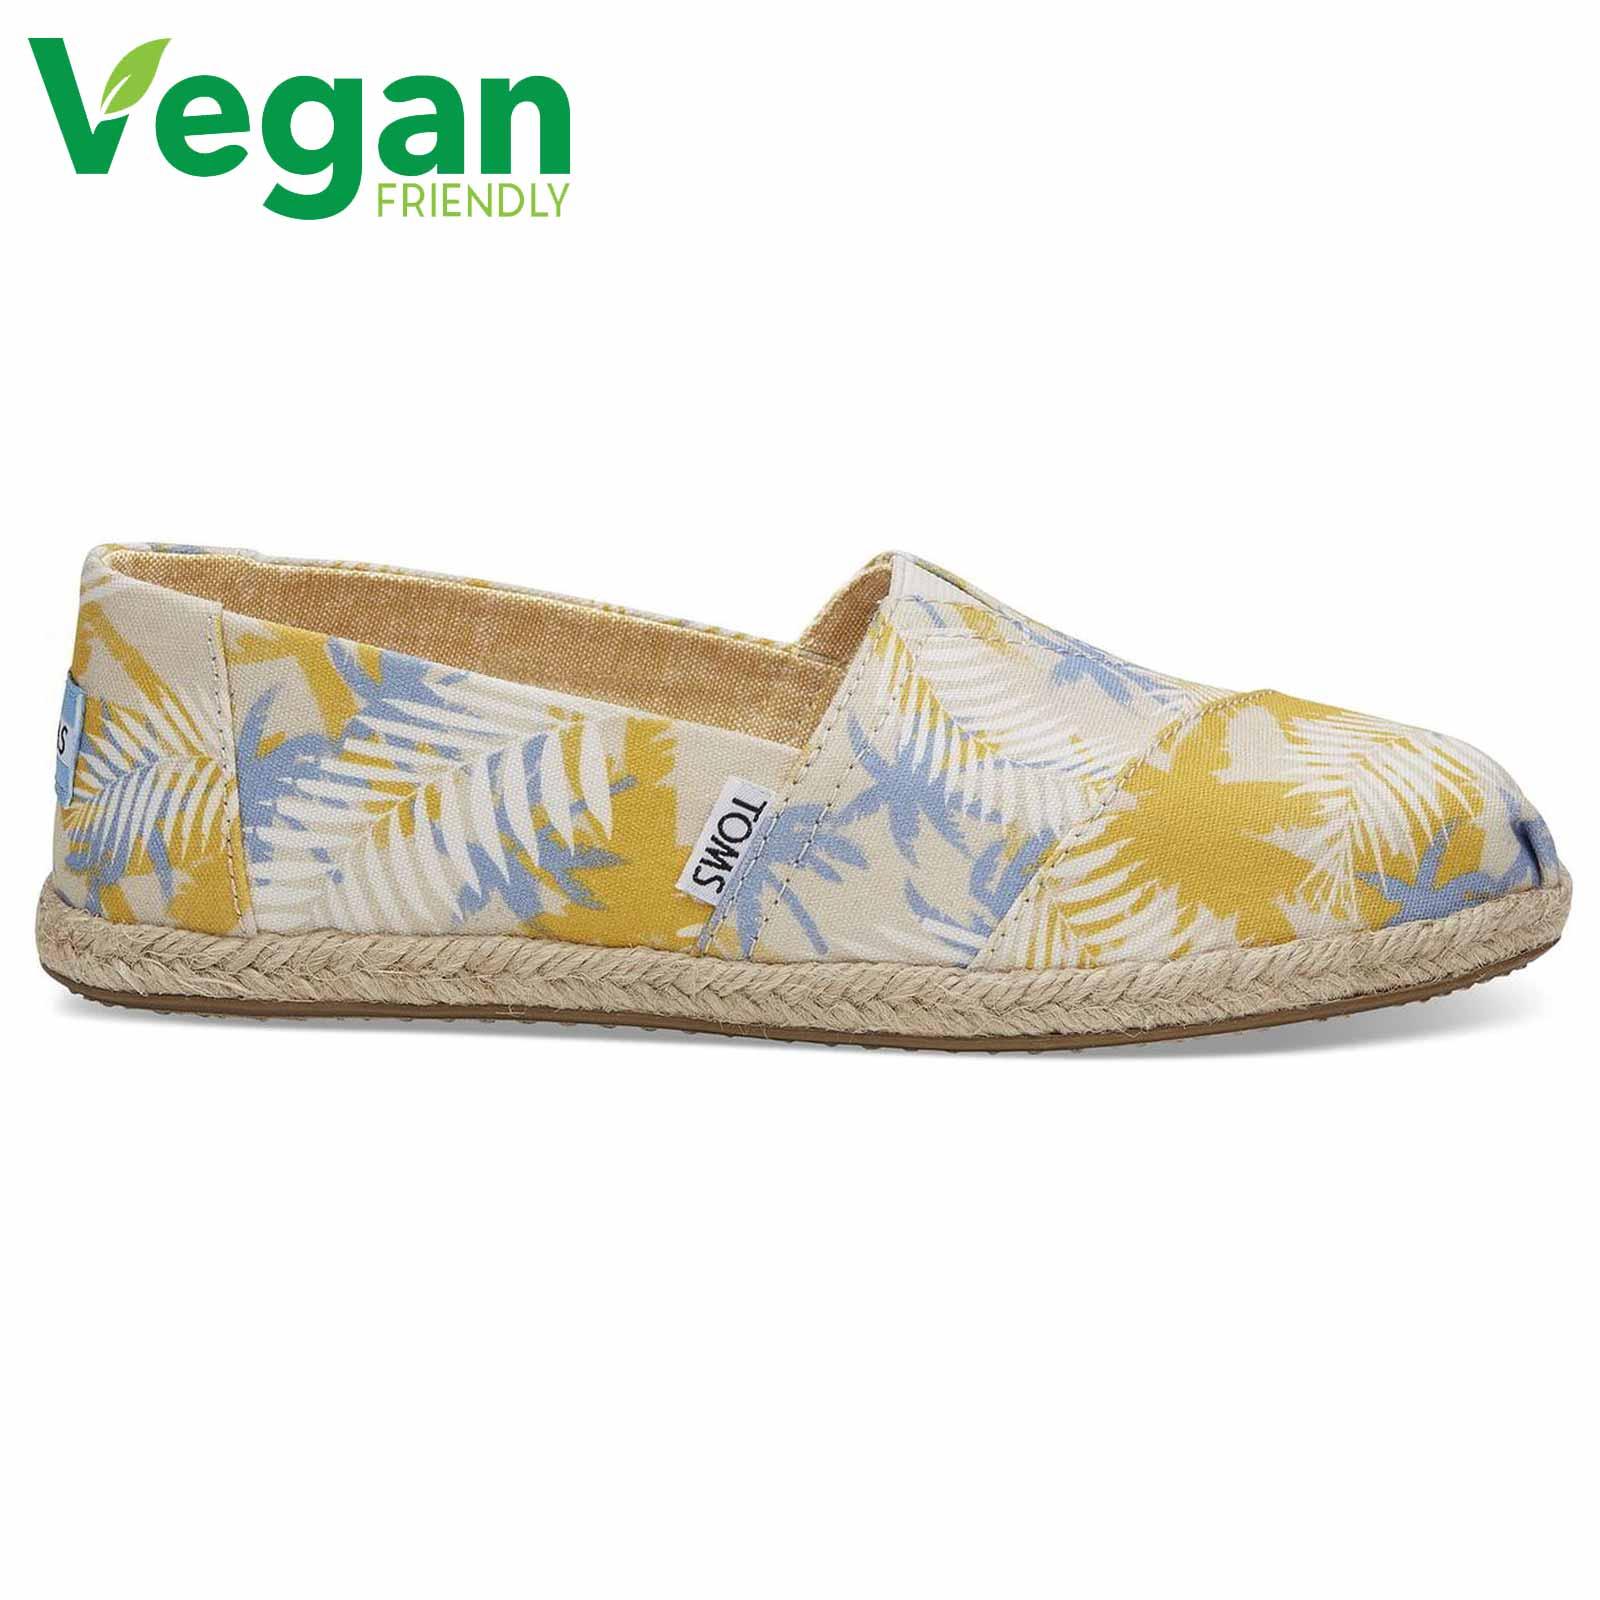 best sneakers 9040e 0687b Dettagli su Toms Espadrillas Donna Vegan Classica In Tela Slip On Scarpe  Taglia 4-8- mostra il titolo originale